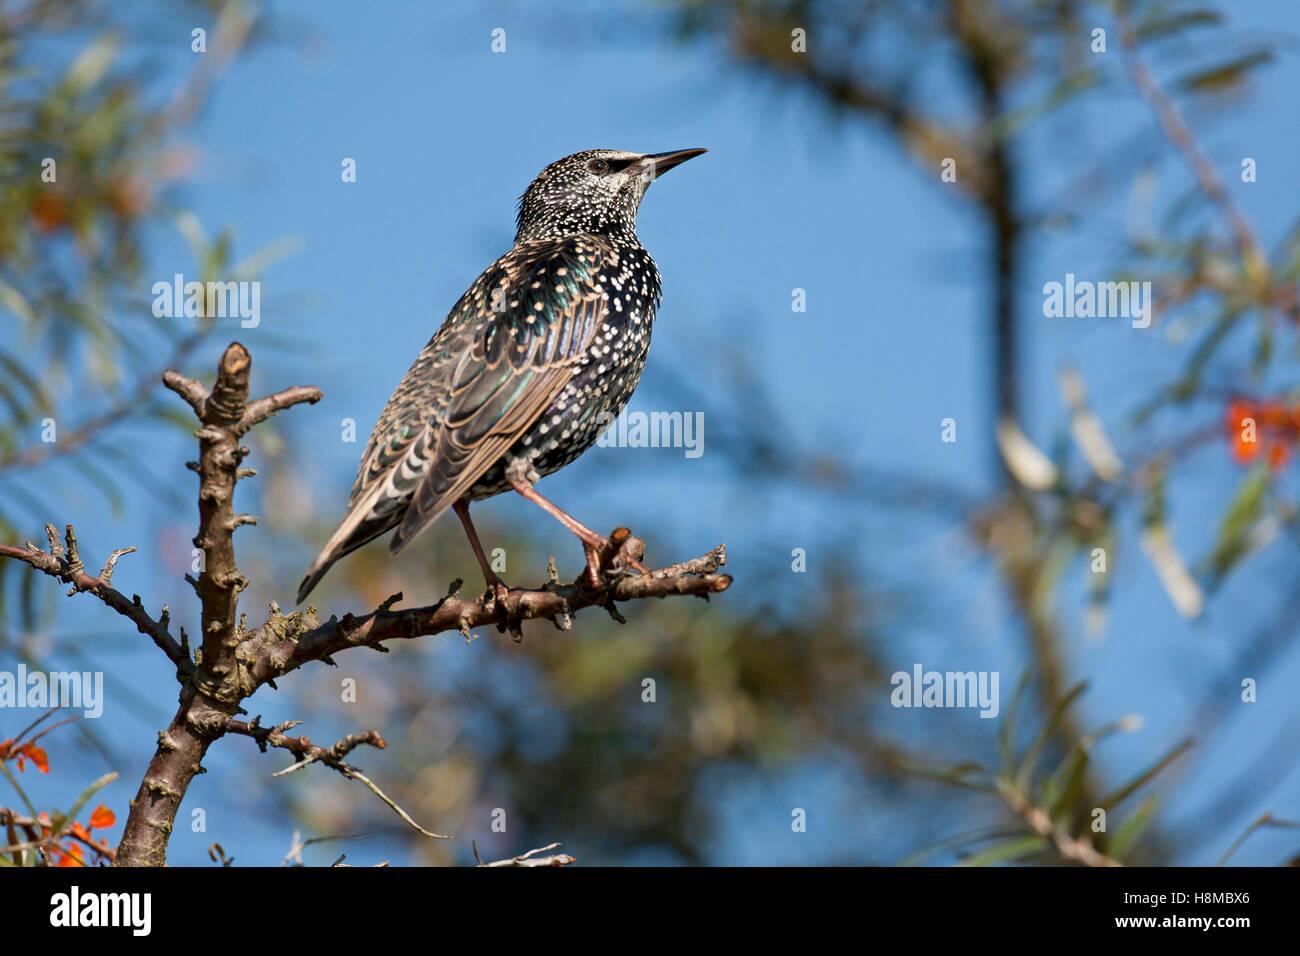 European Starling (Sturnus vulgaris). Adult in winter plumage in fruiting Sea Buckthorn. Germany Stock Photo